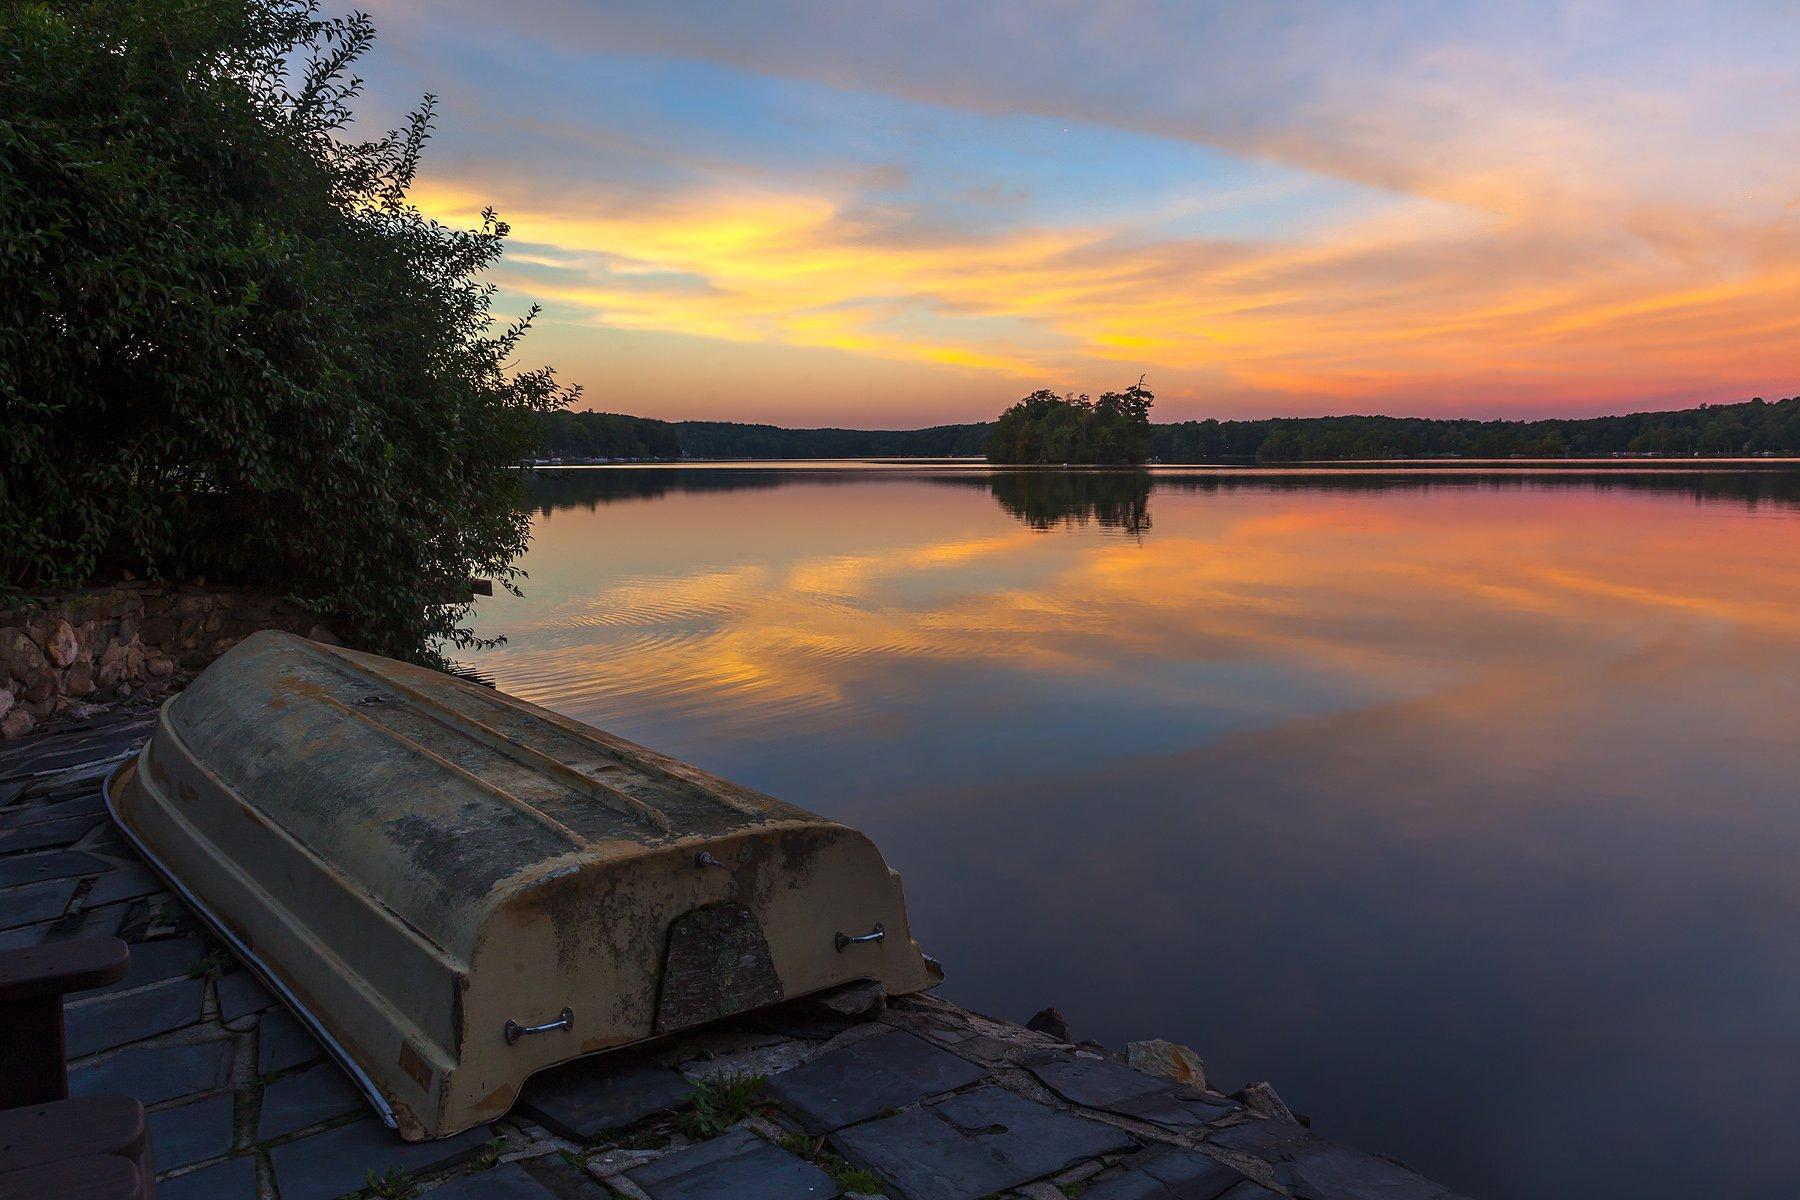 пейзаж,природа,осень,небо, лодка,отражения,облака,, Антонина